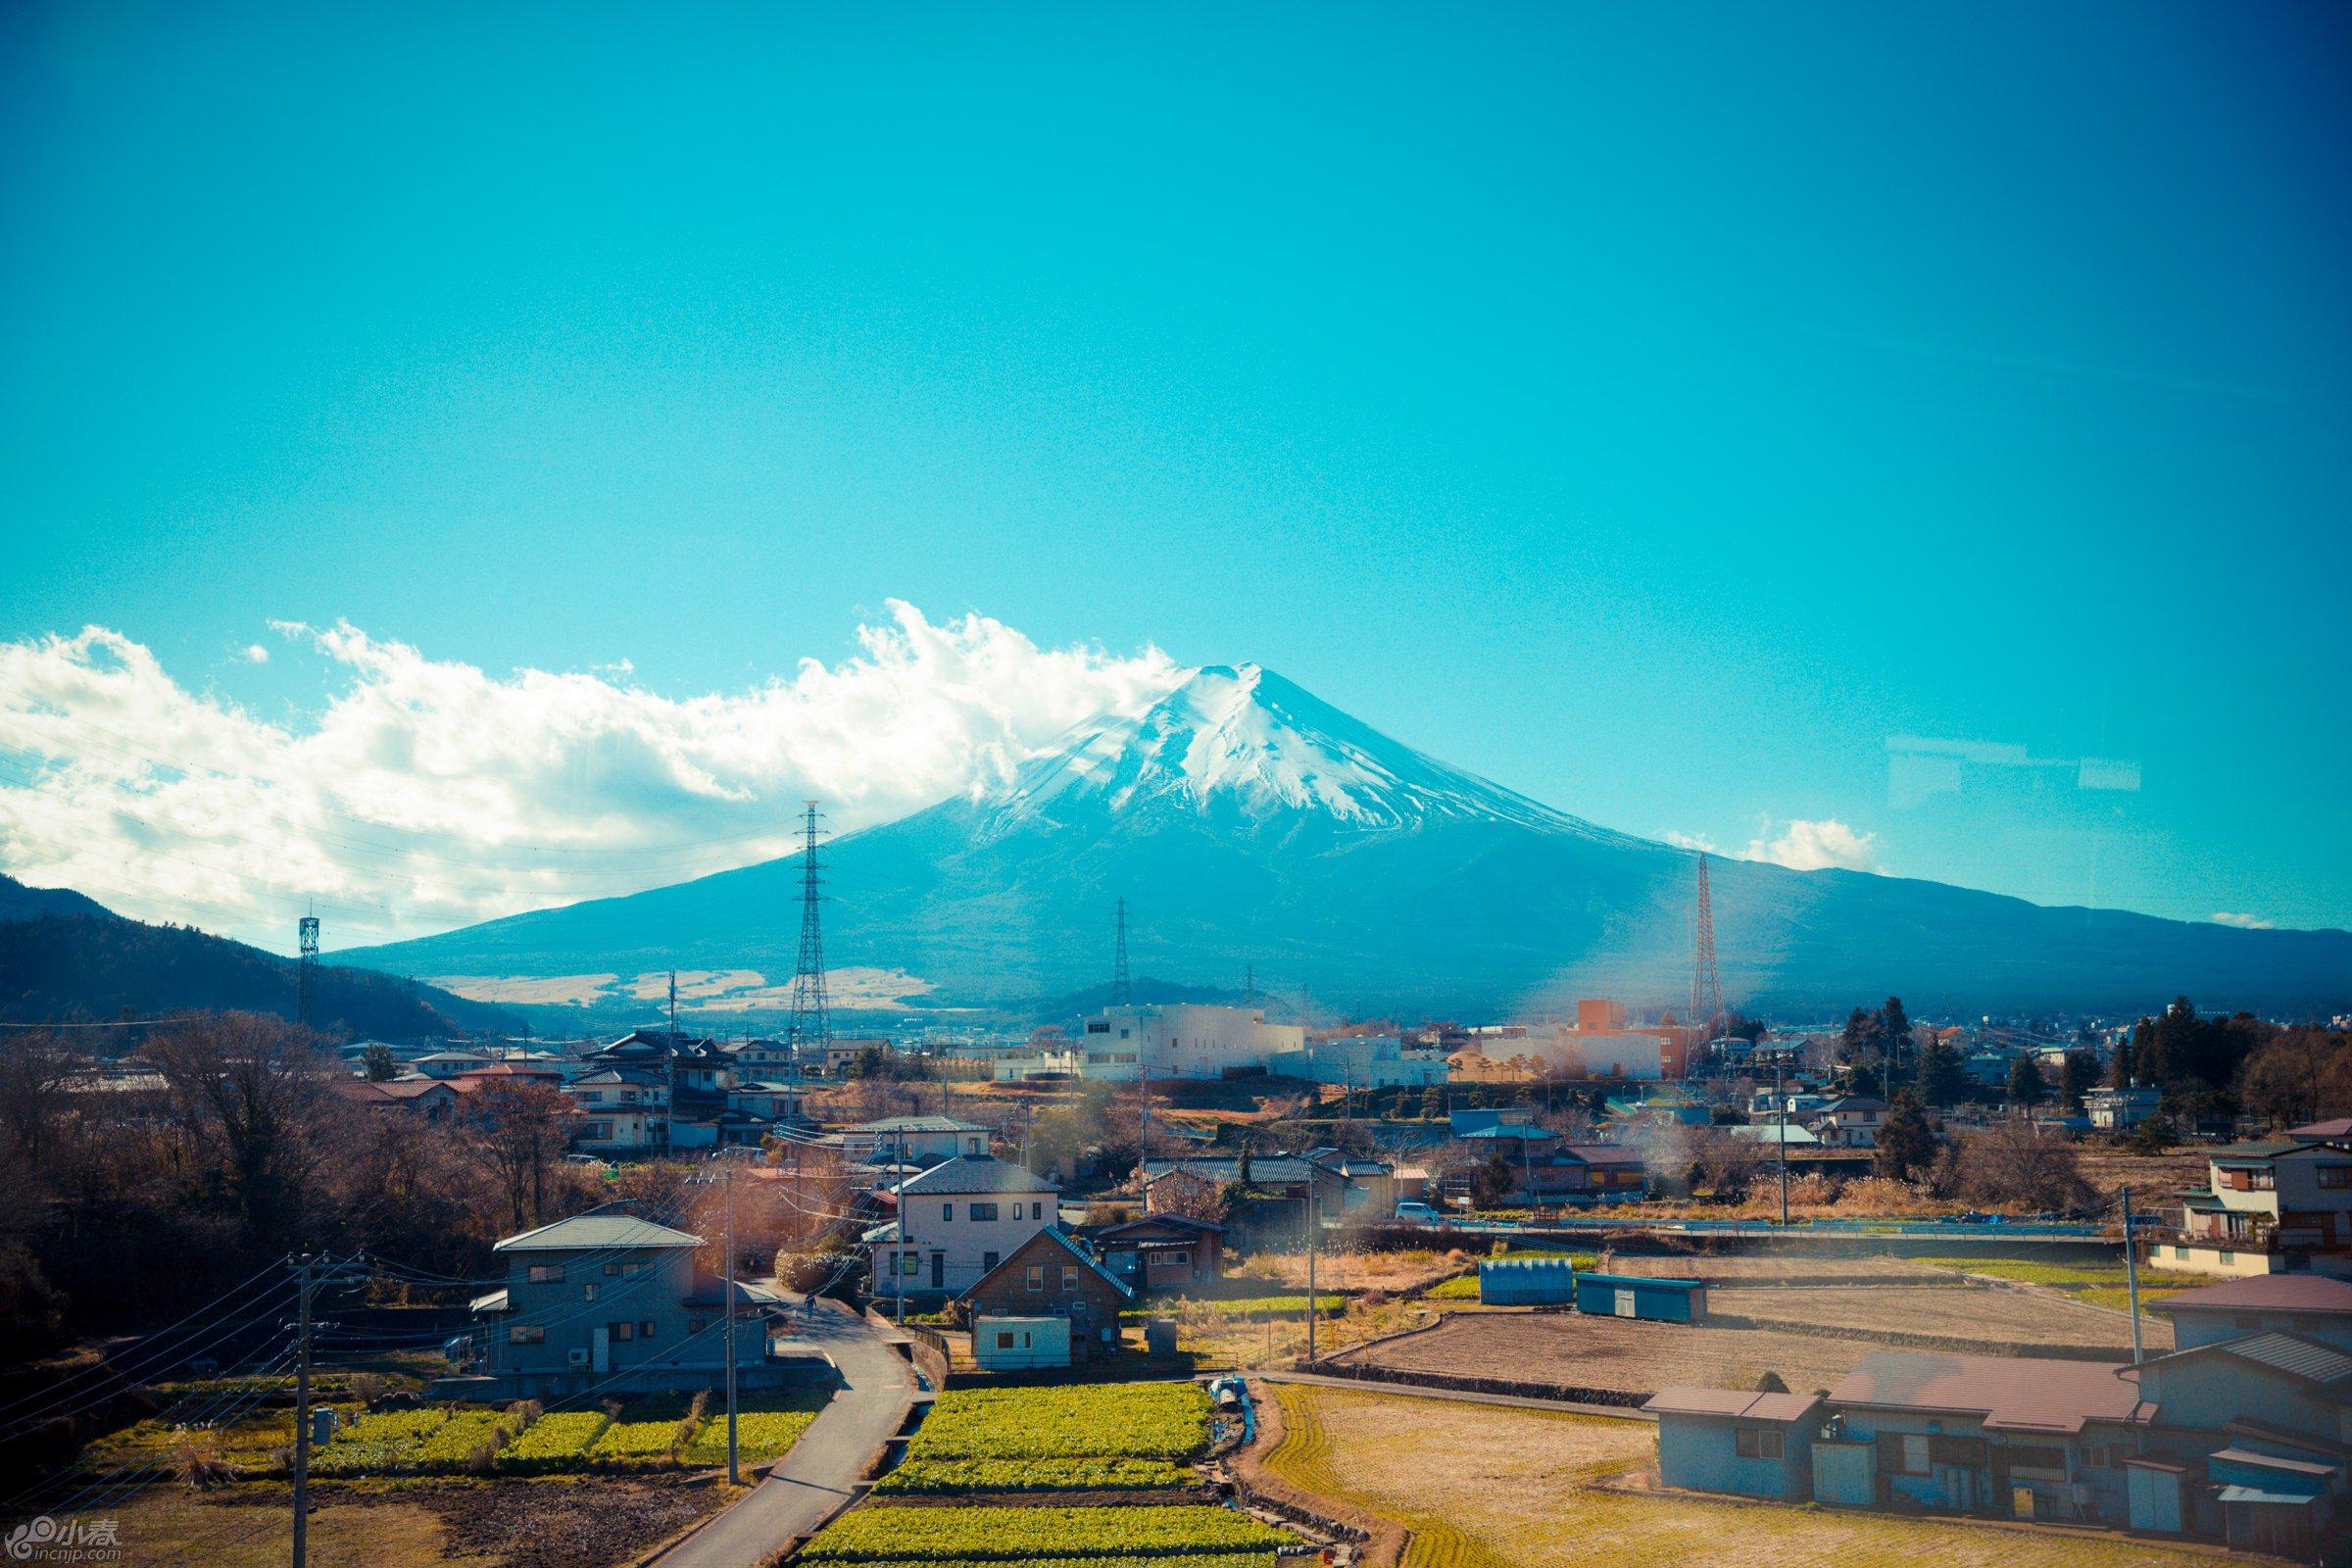 高速上看见的富士山